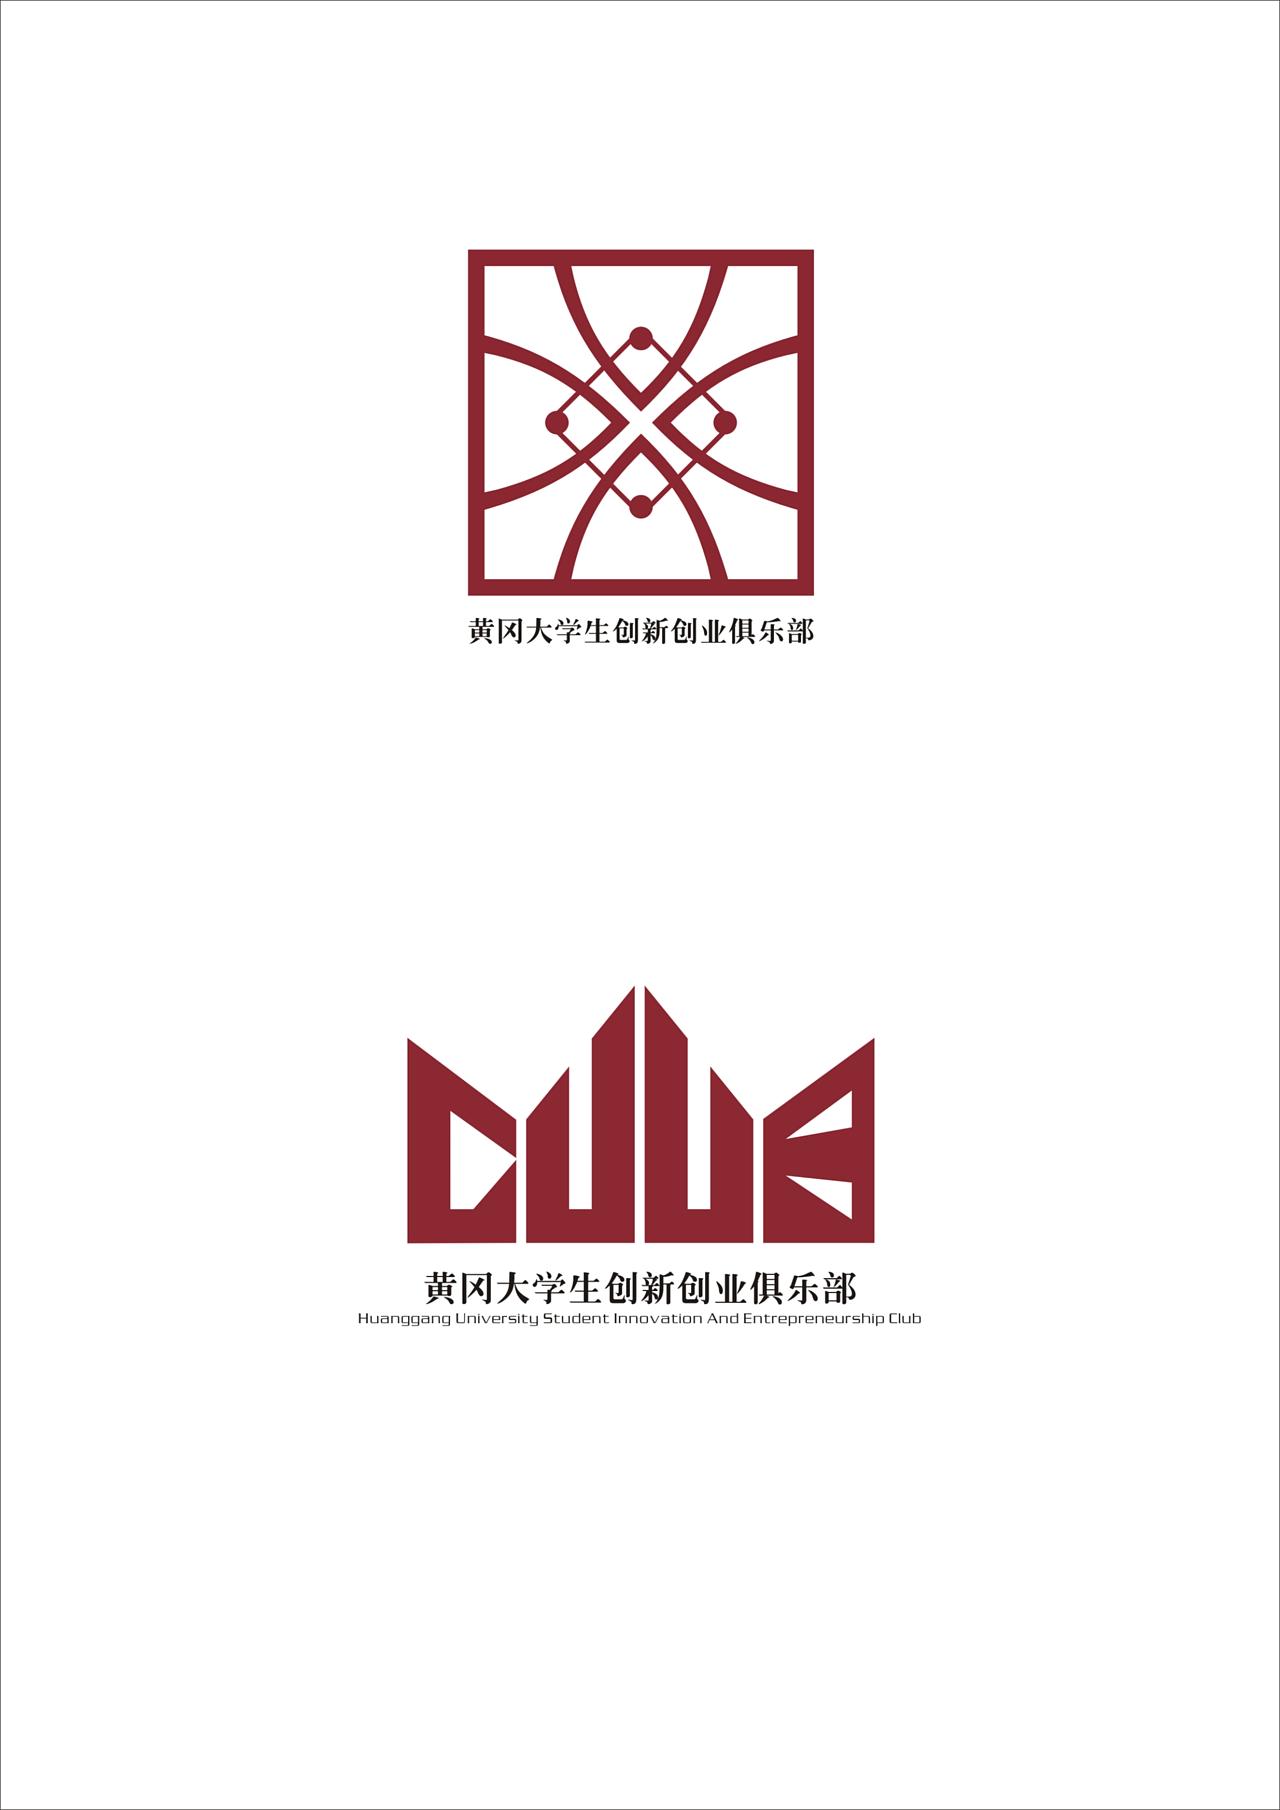 大学生创新创业俱乐部 logo 现代商业团队 俱乐部文化图片